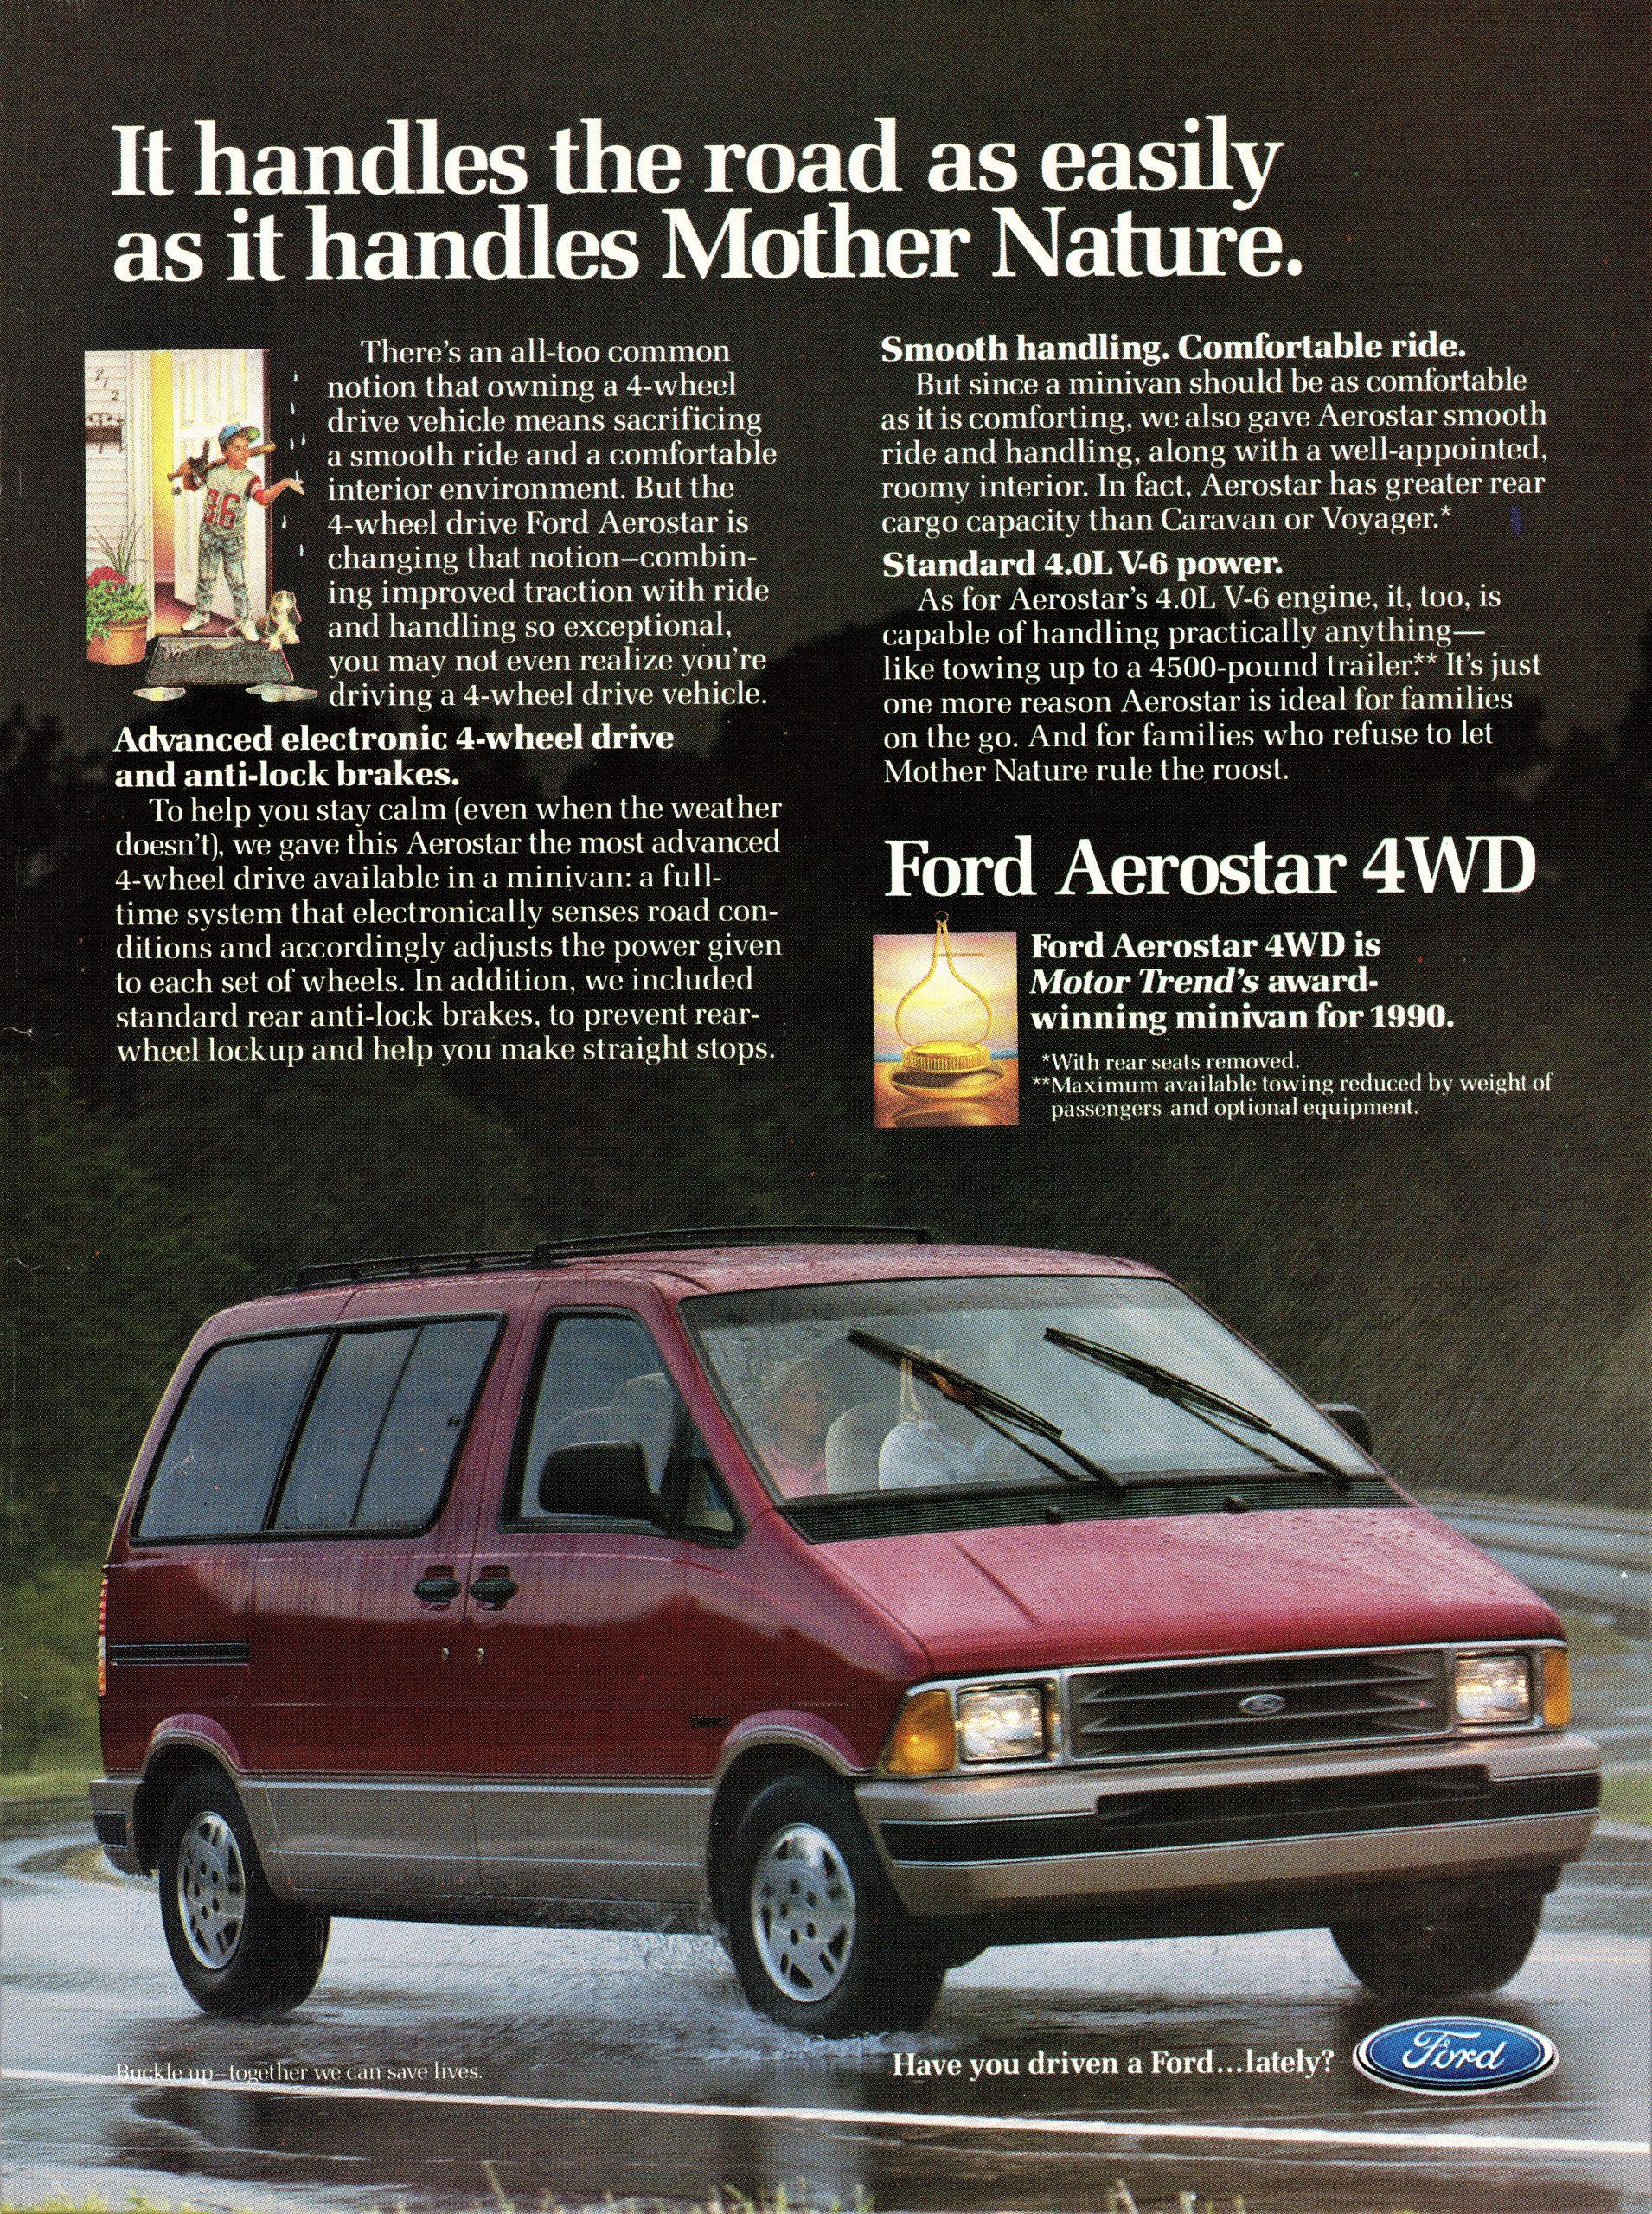 1991 Ford Aerostar ad